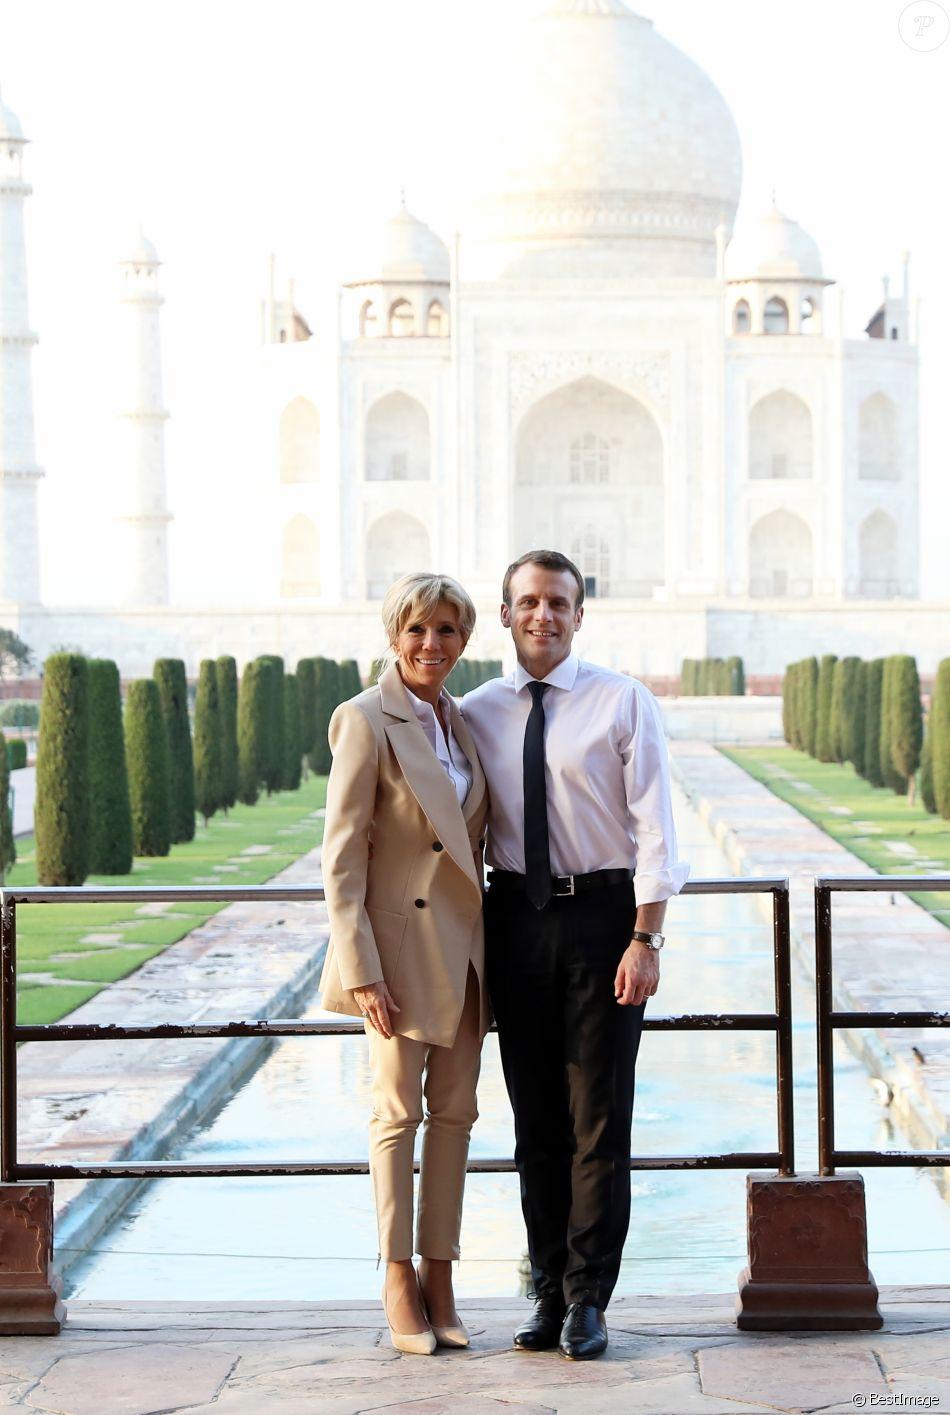 Le président Emmanuel Macron et sa femme Brigitte lors d'une visite privée du Taj Mahal à Agra, Inde le 11 mars 2018. © Dominique Jacovides / Bestimage